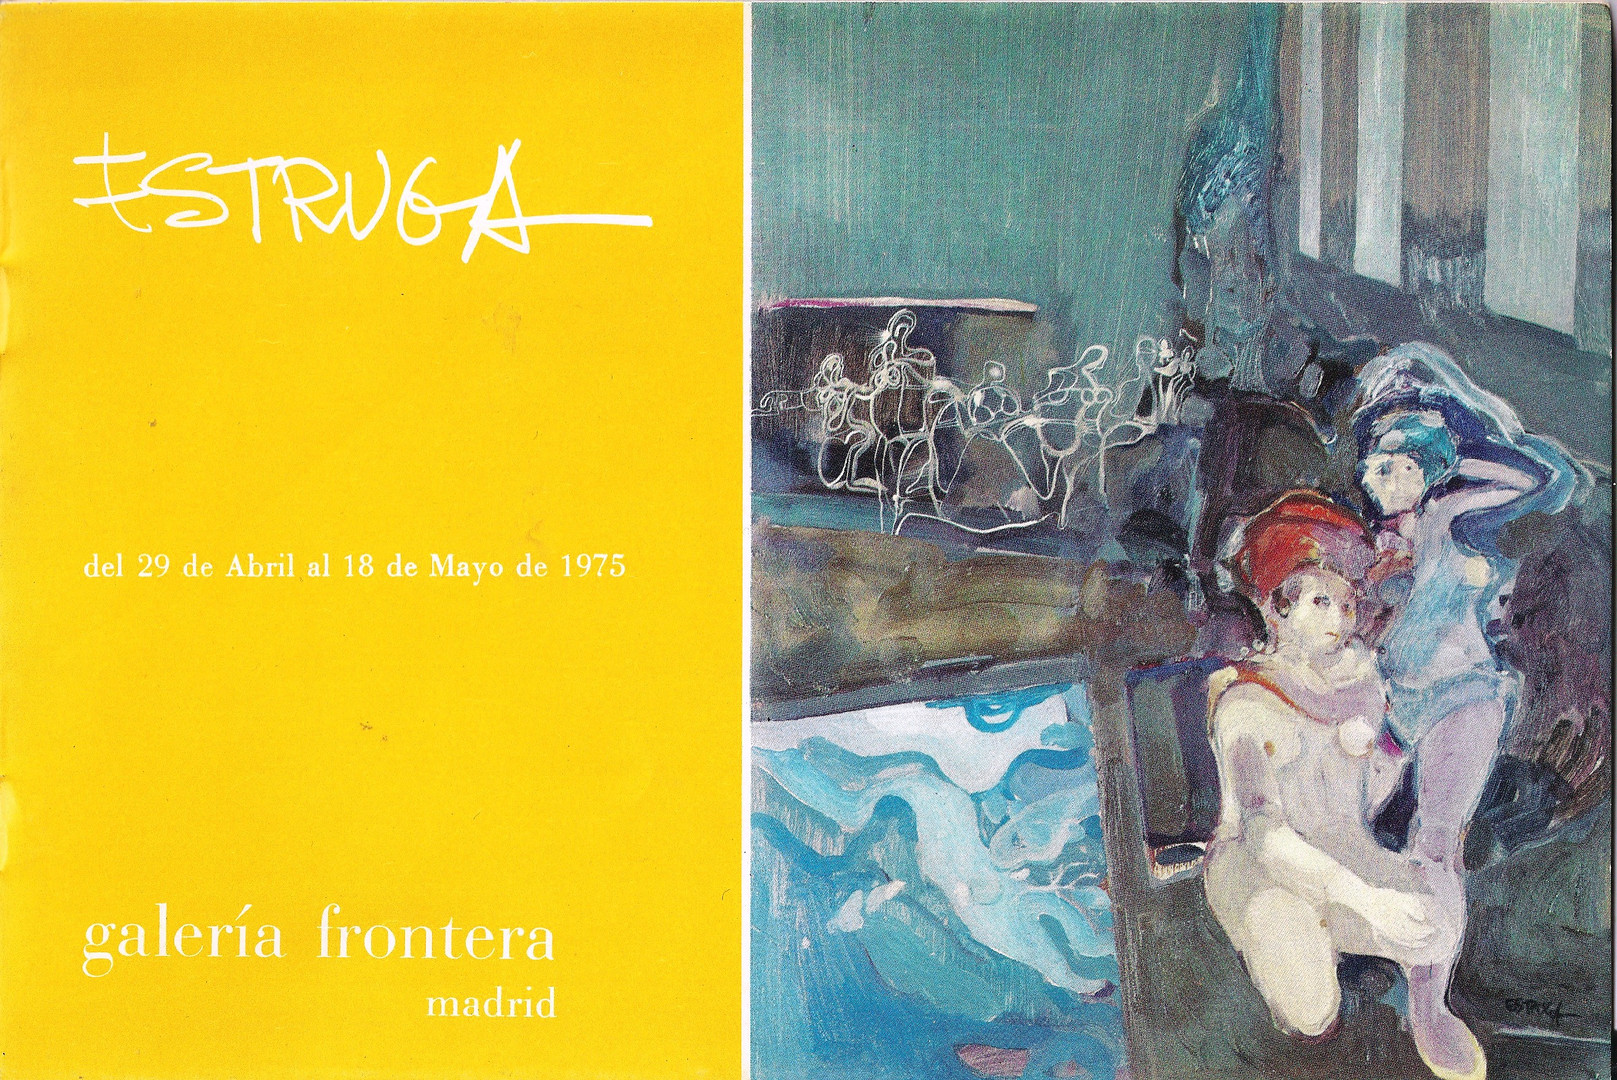 Galería Frontera. Madrid, 1975